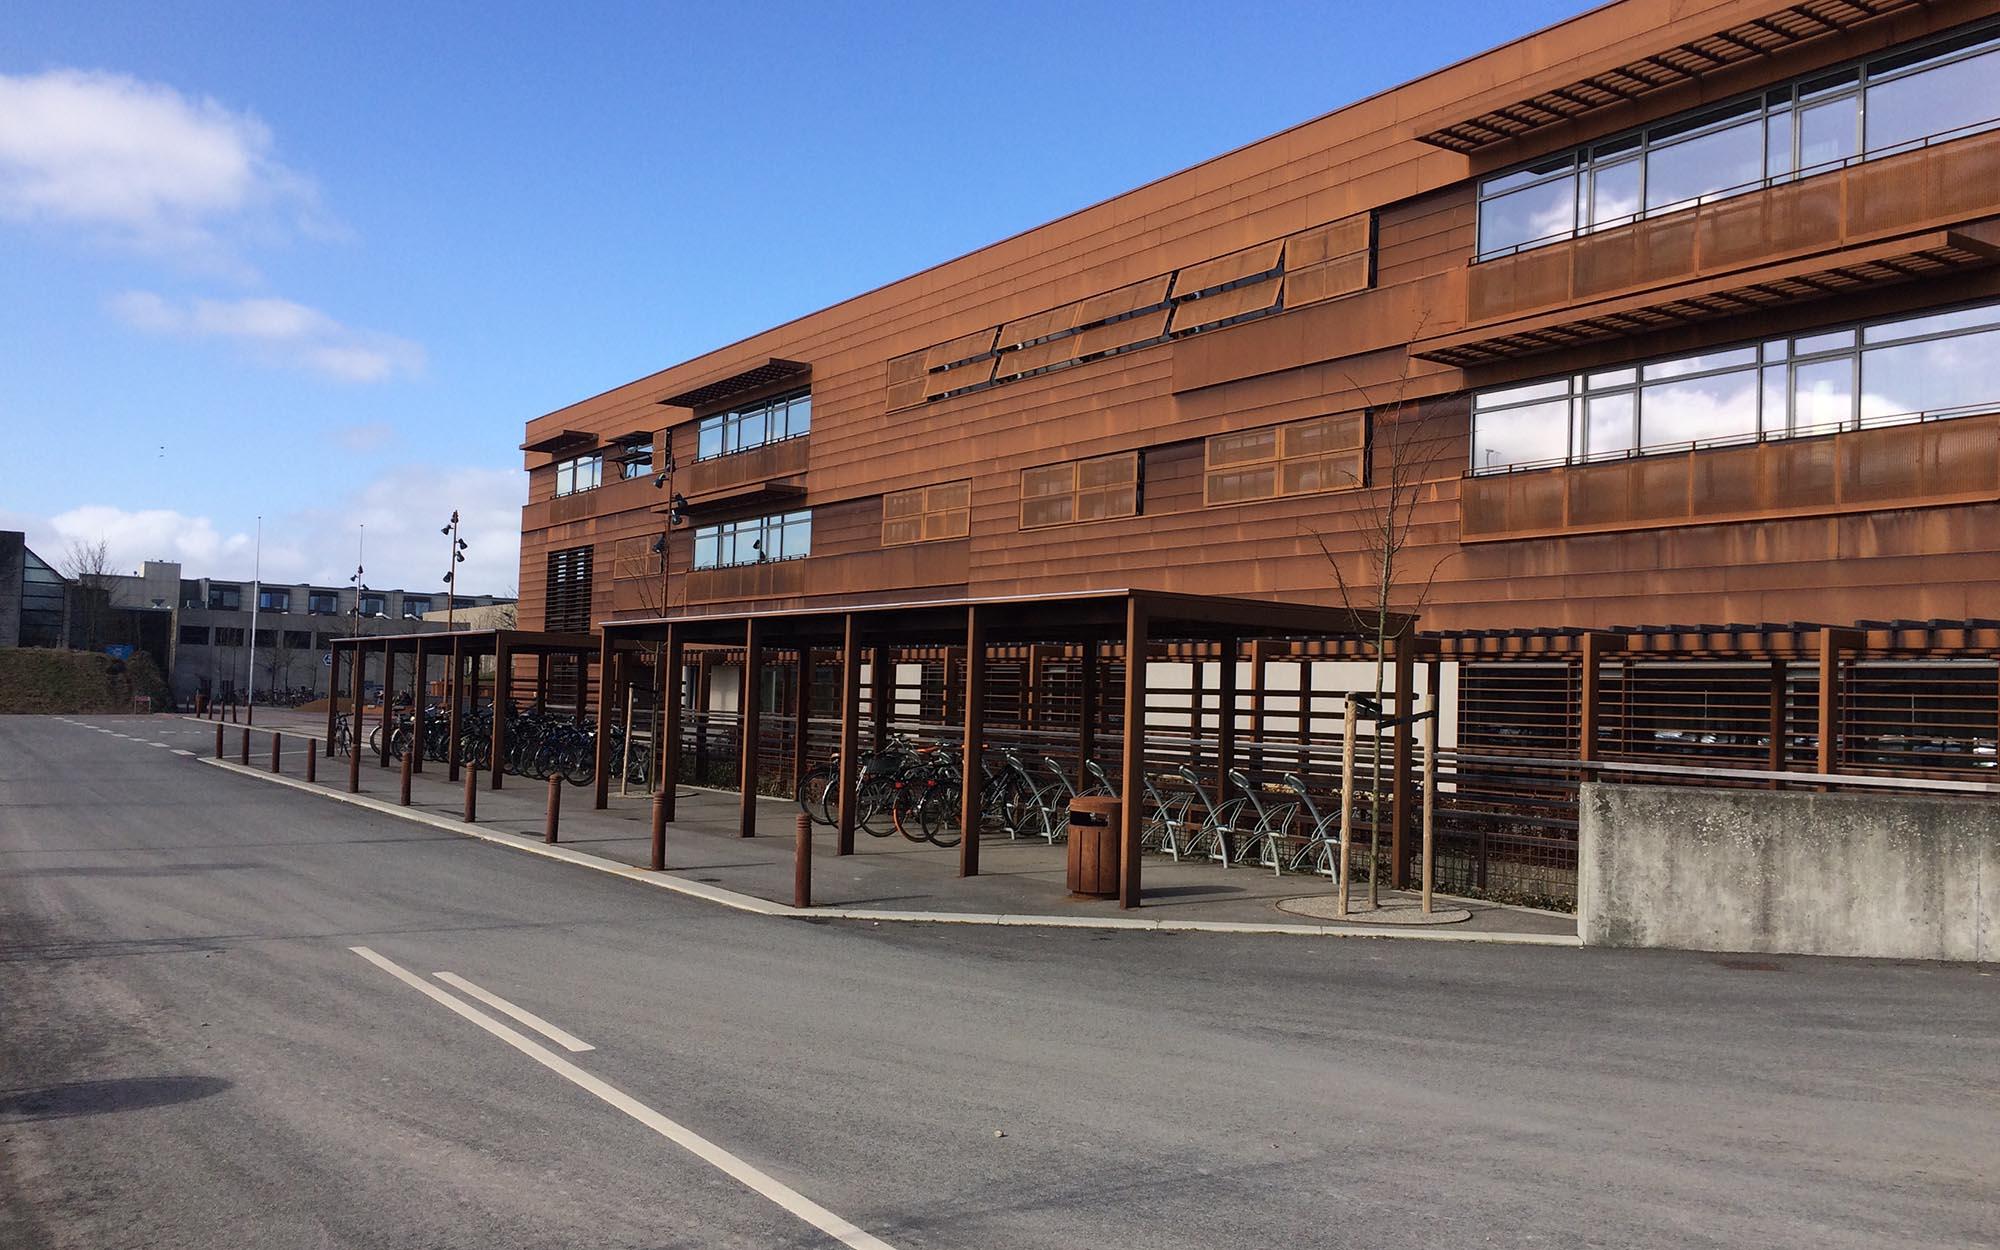 Ovenlys ABV og naturlig ventilation - Syddansk Universitet, Odense